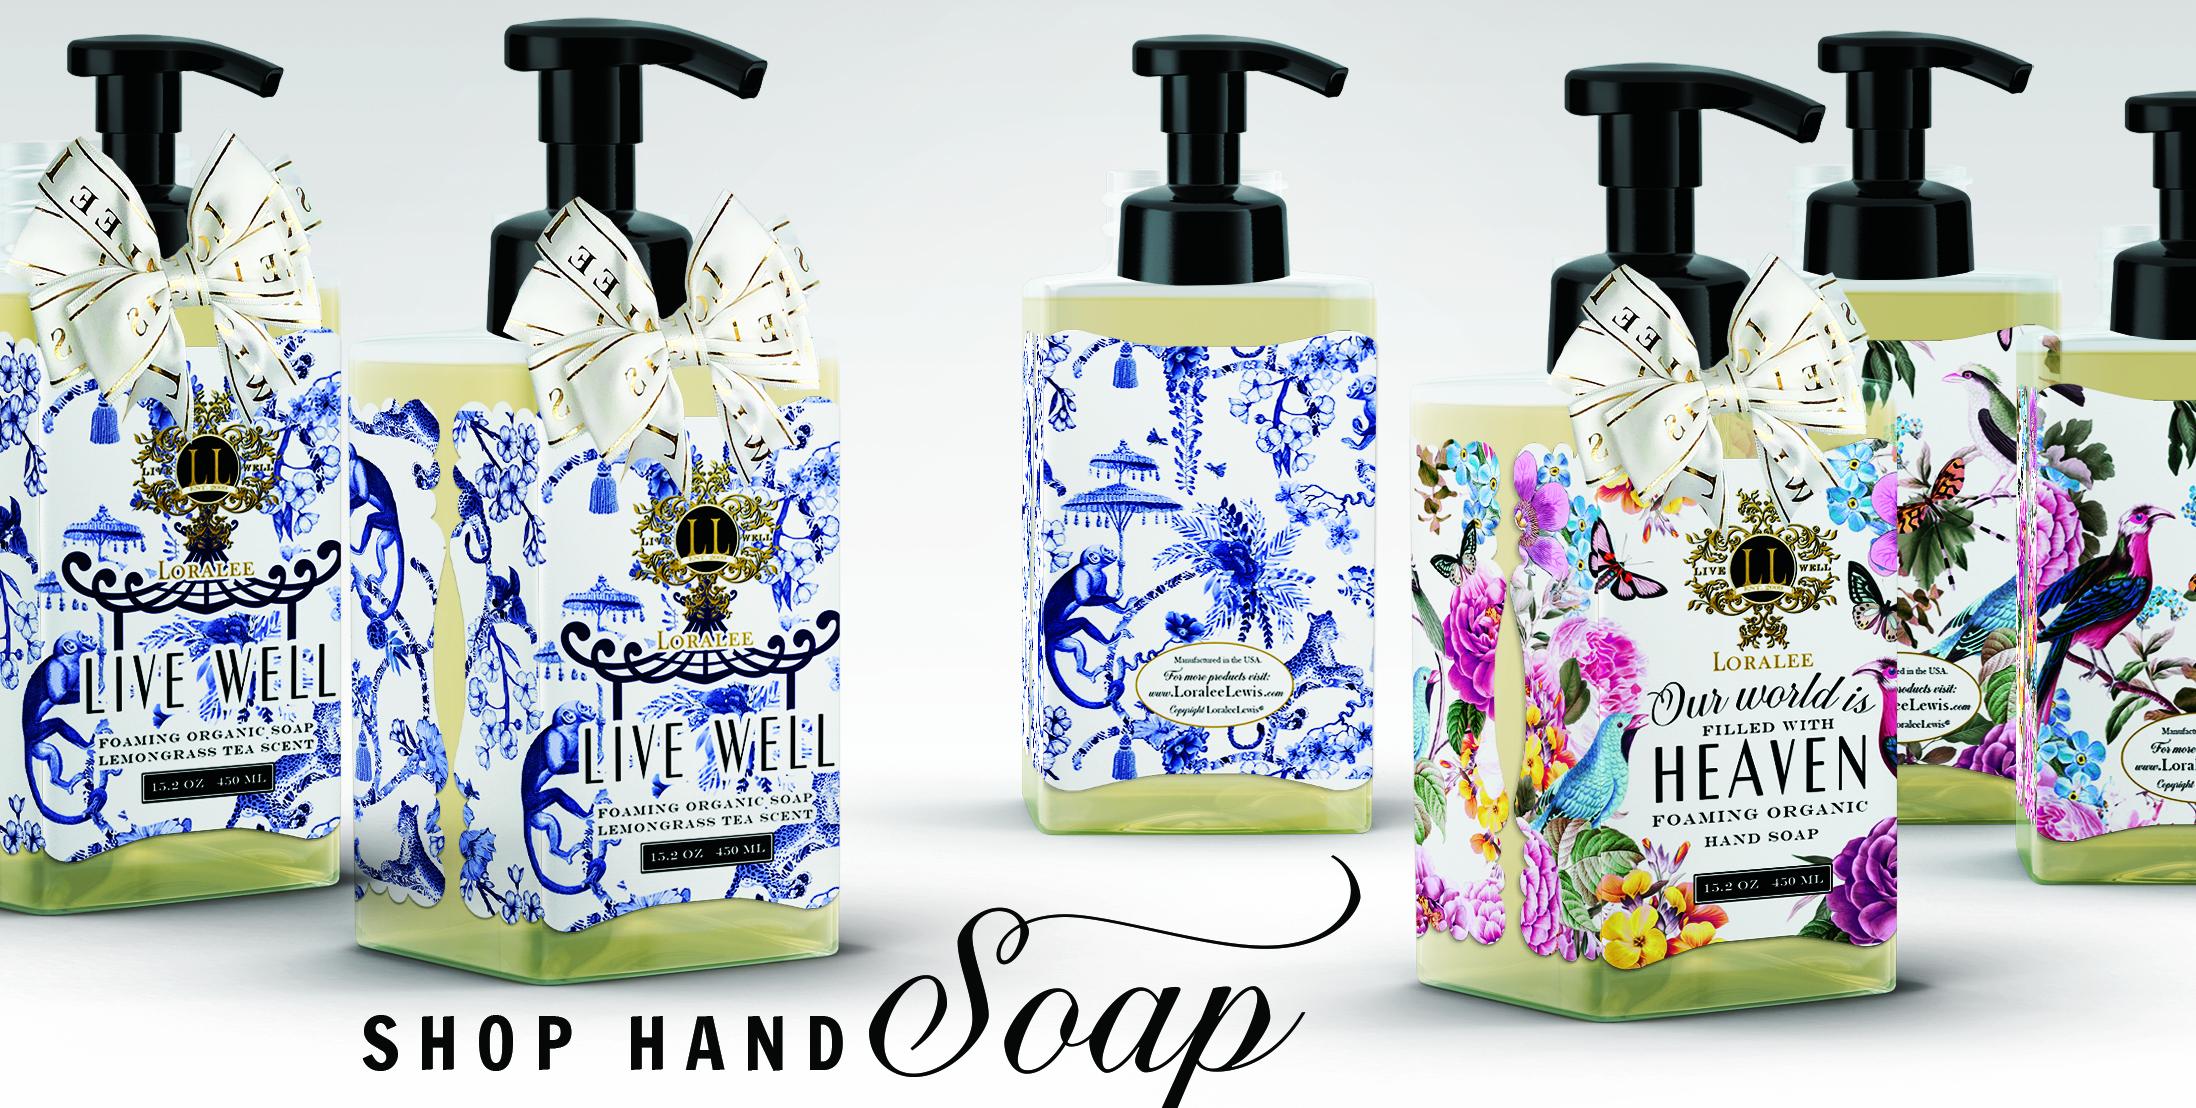 Shop Hand Soap